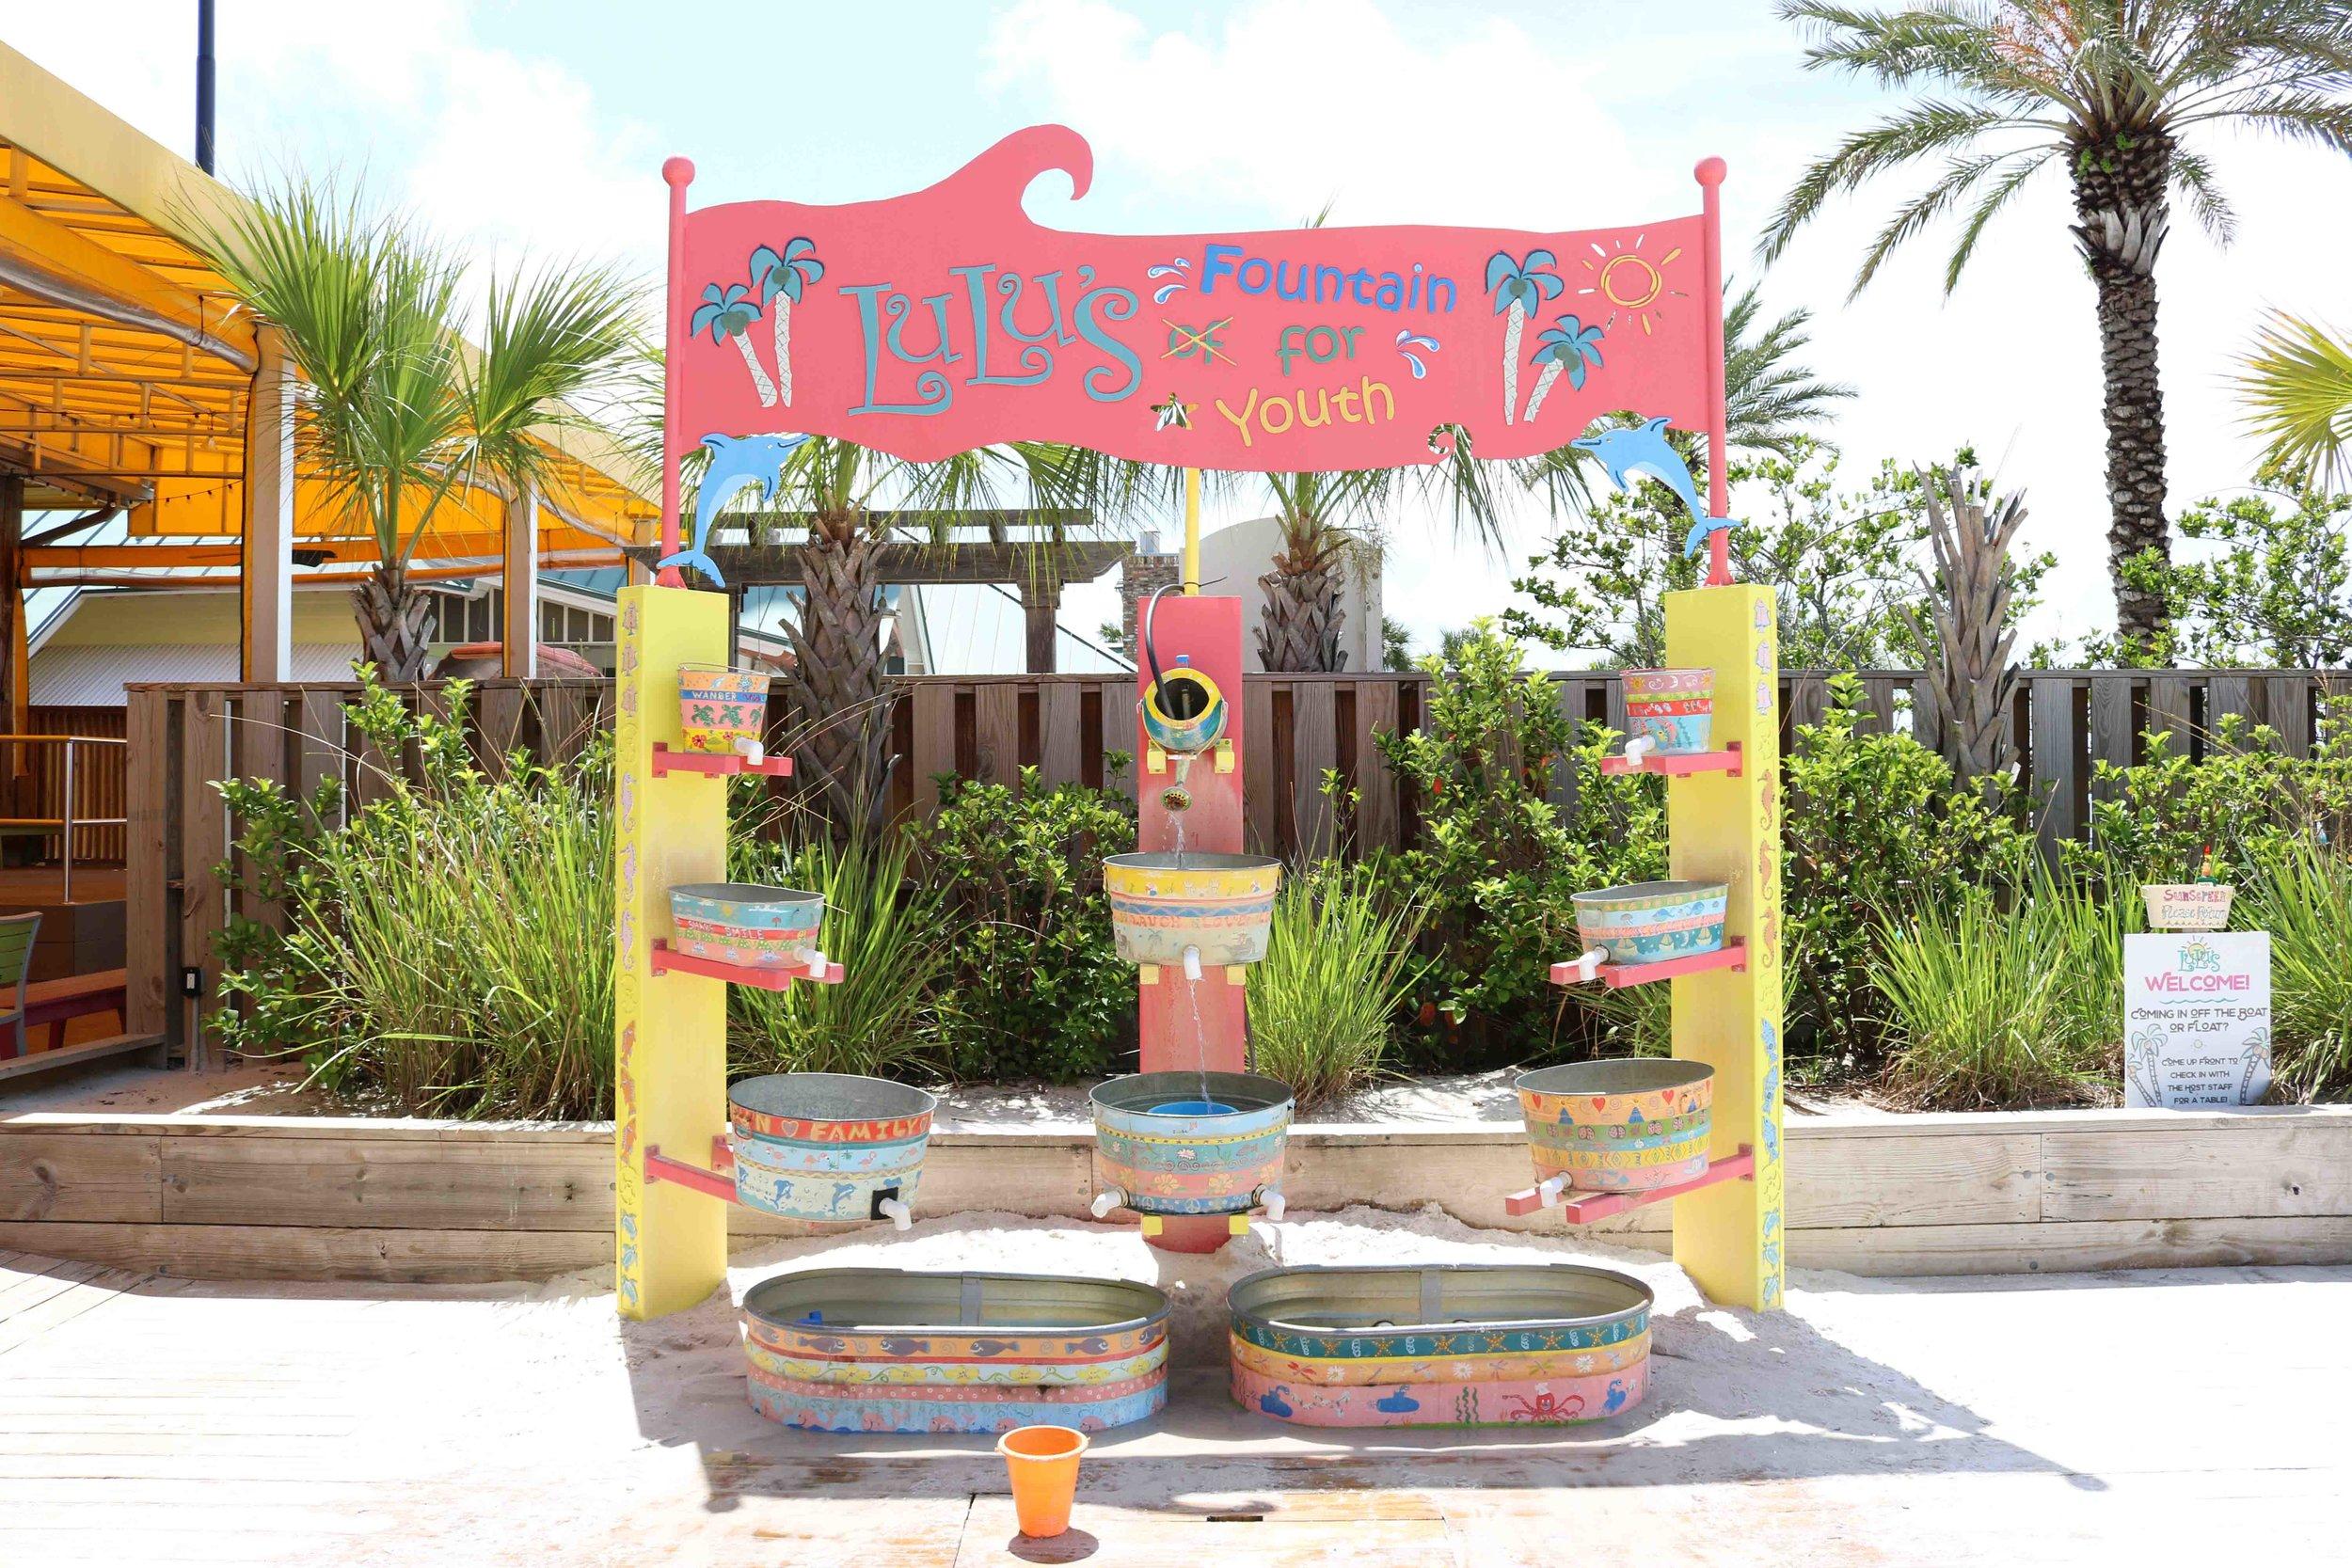 LuLu's Water Fountain